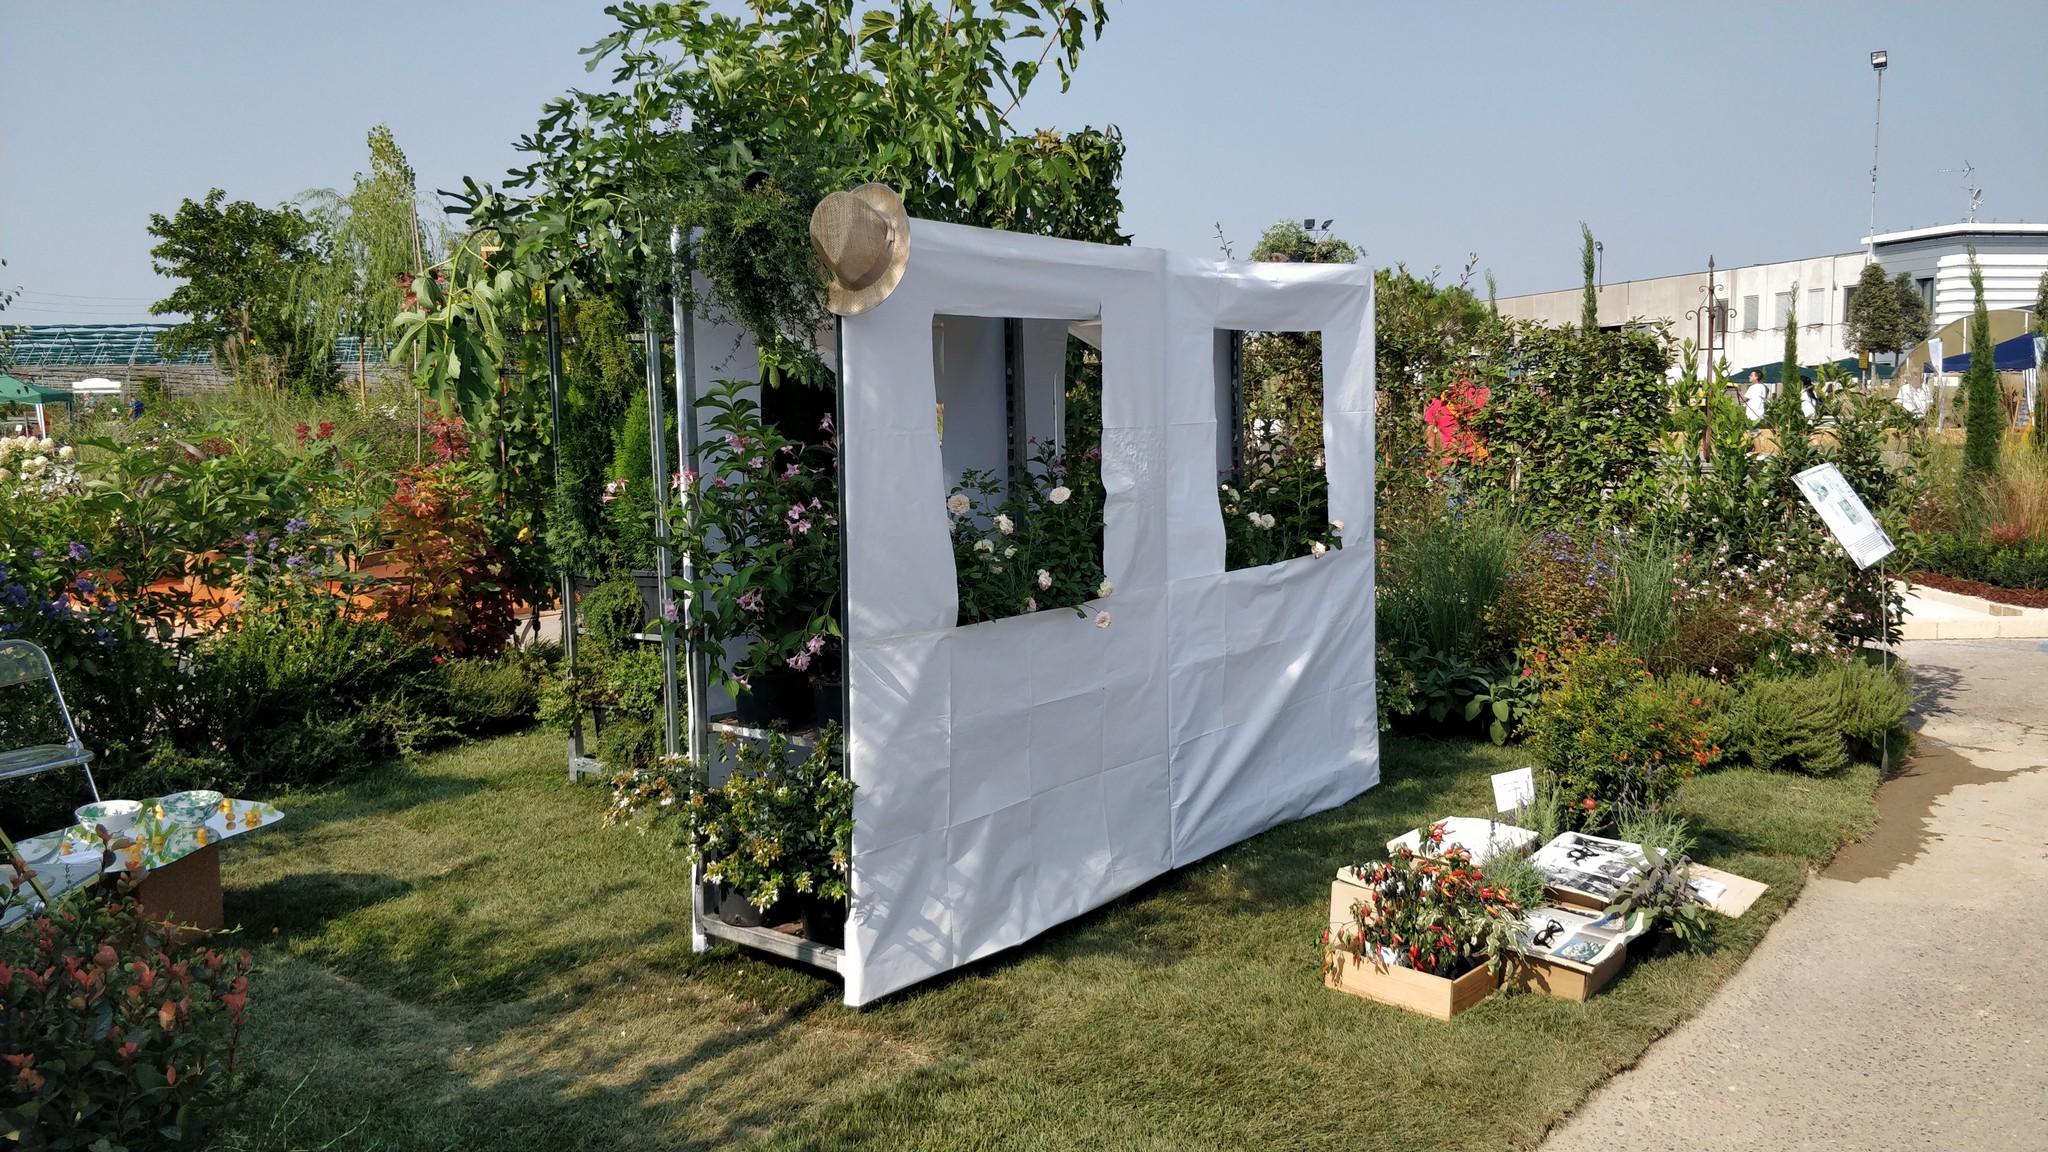 Concorso giardini Verdeggiando_63 Il giardino è il paesaggio è la casa (2LAND)